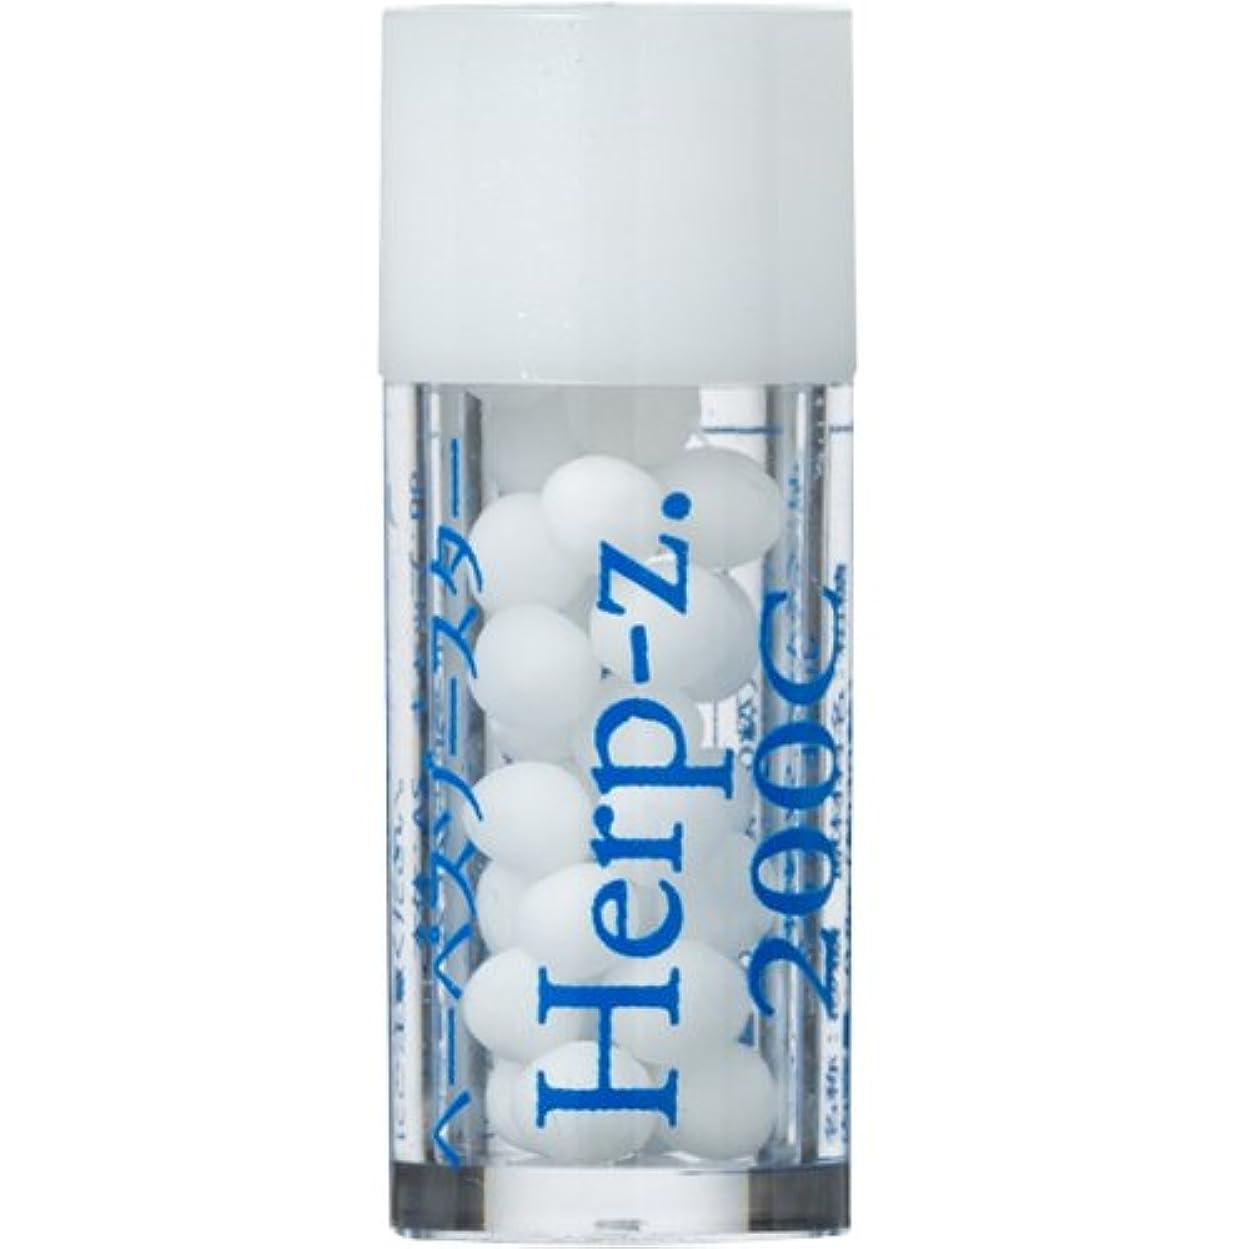 平和的追加する社交的ホメオパシージャパンレメディー YOBO22 Herp-z. ヘーペスゾースター 200C